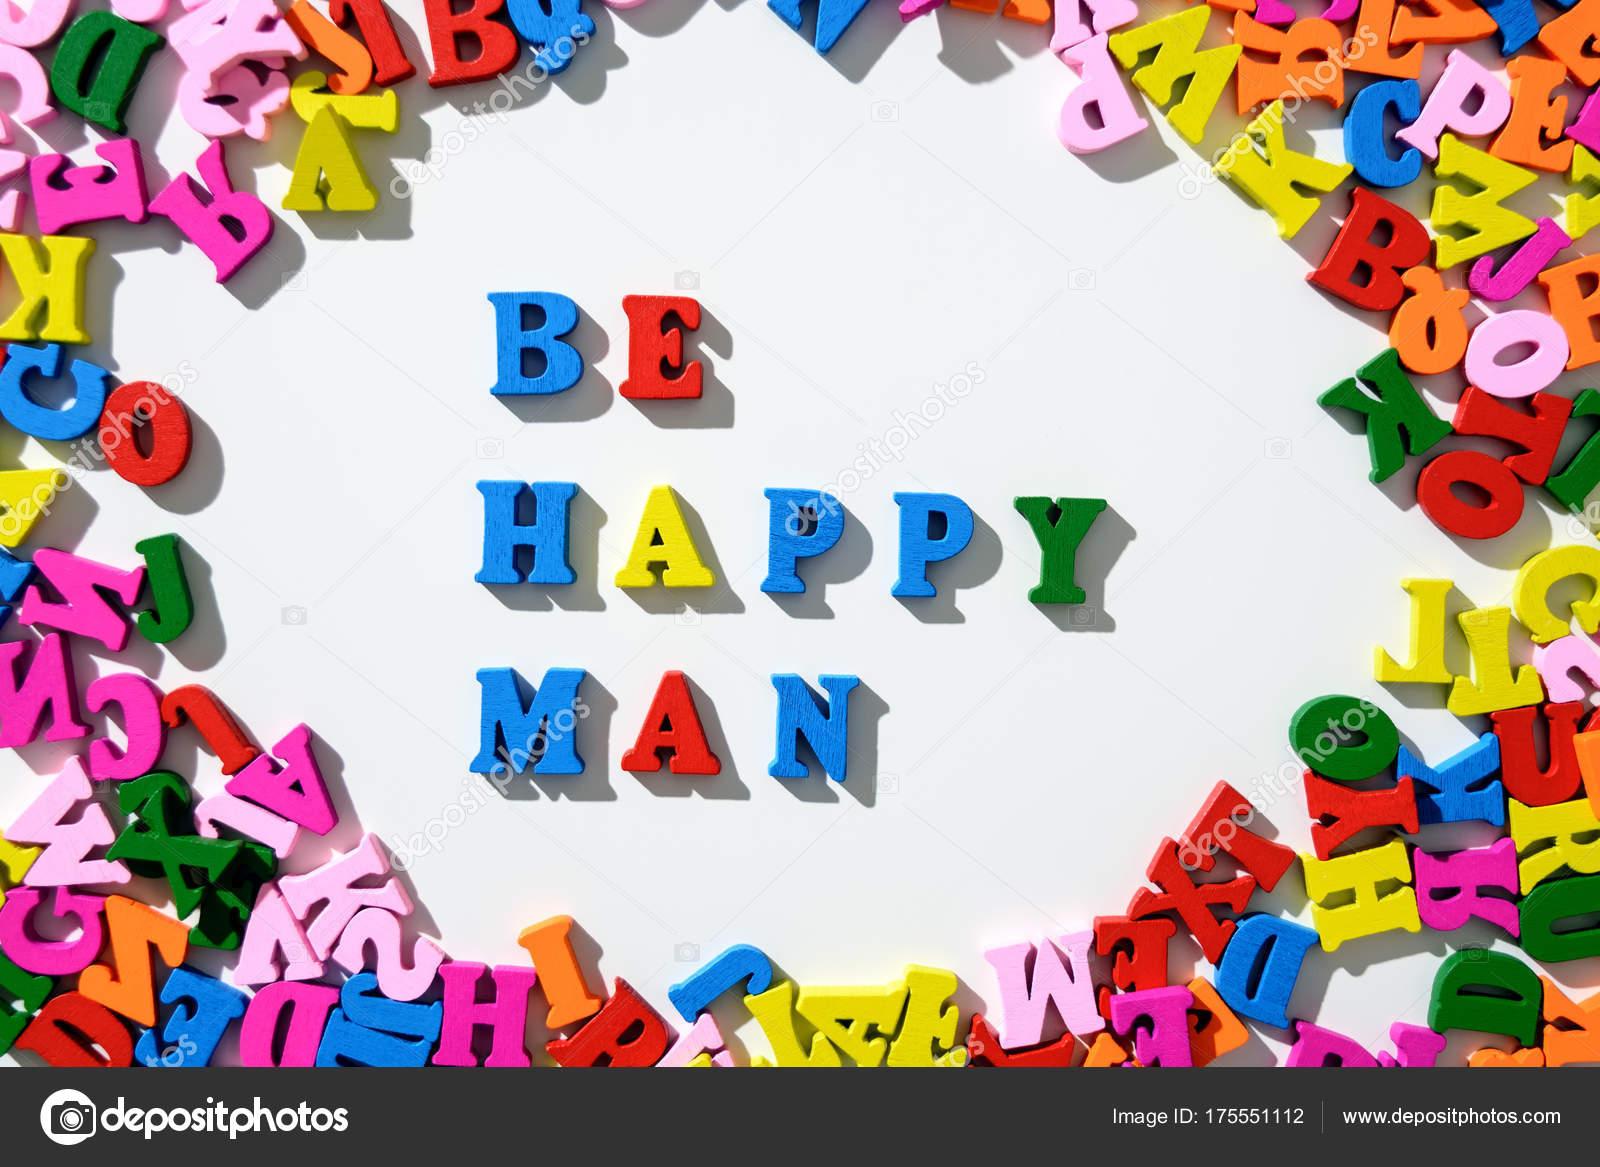 Lettere Di Legno Colorate : Parola uomo felice essere foderato con lettere di legno colorate